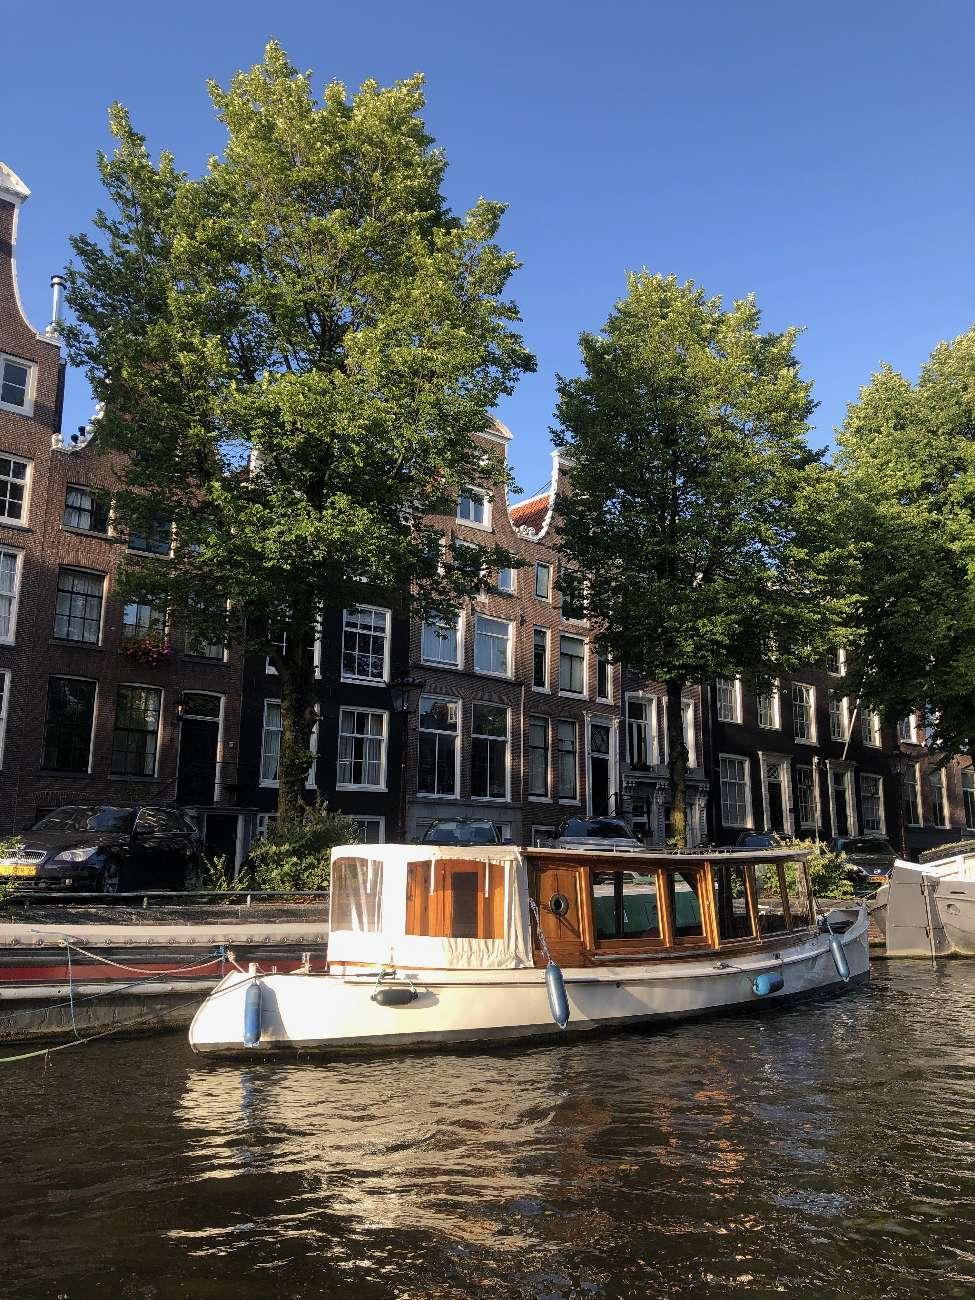 Salonboot auf dem Amsterdamer Grachtengürtel